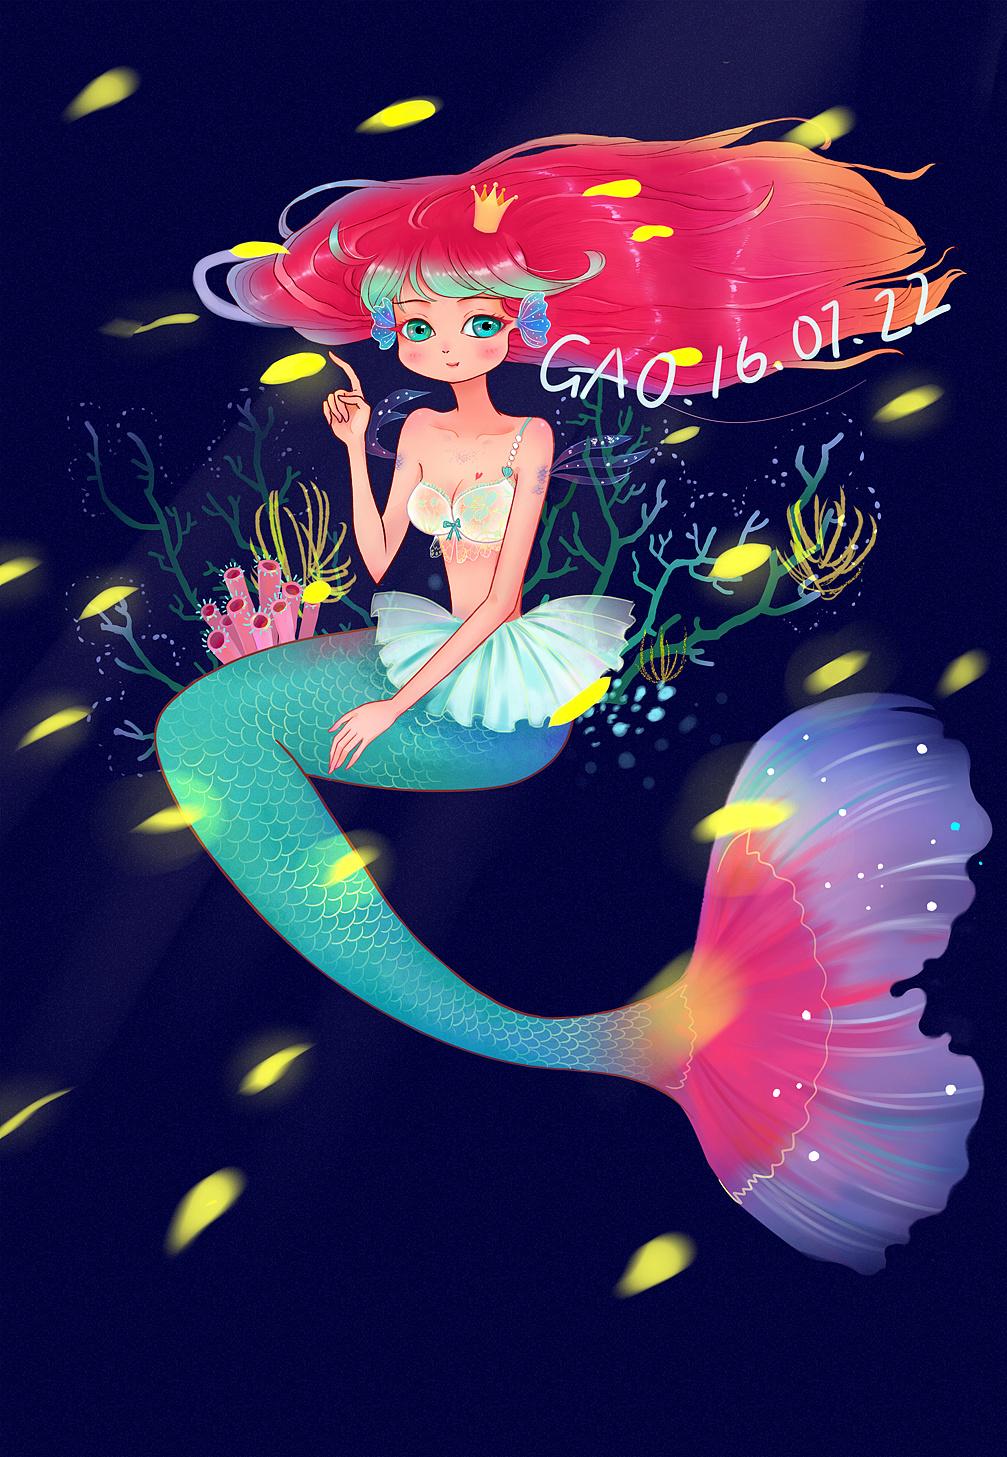 燕子姐姐_童心撞地球小美人鱼燕子姐姐唱的第一首歌是什么?